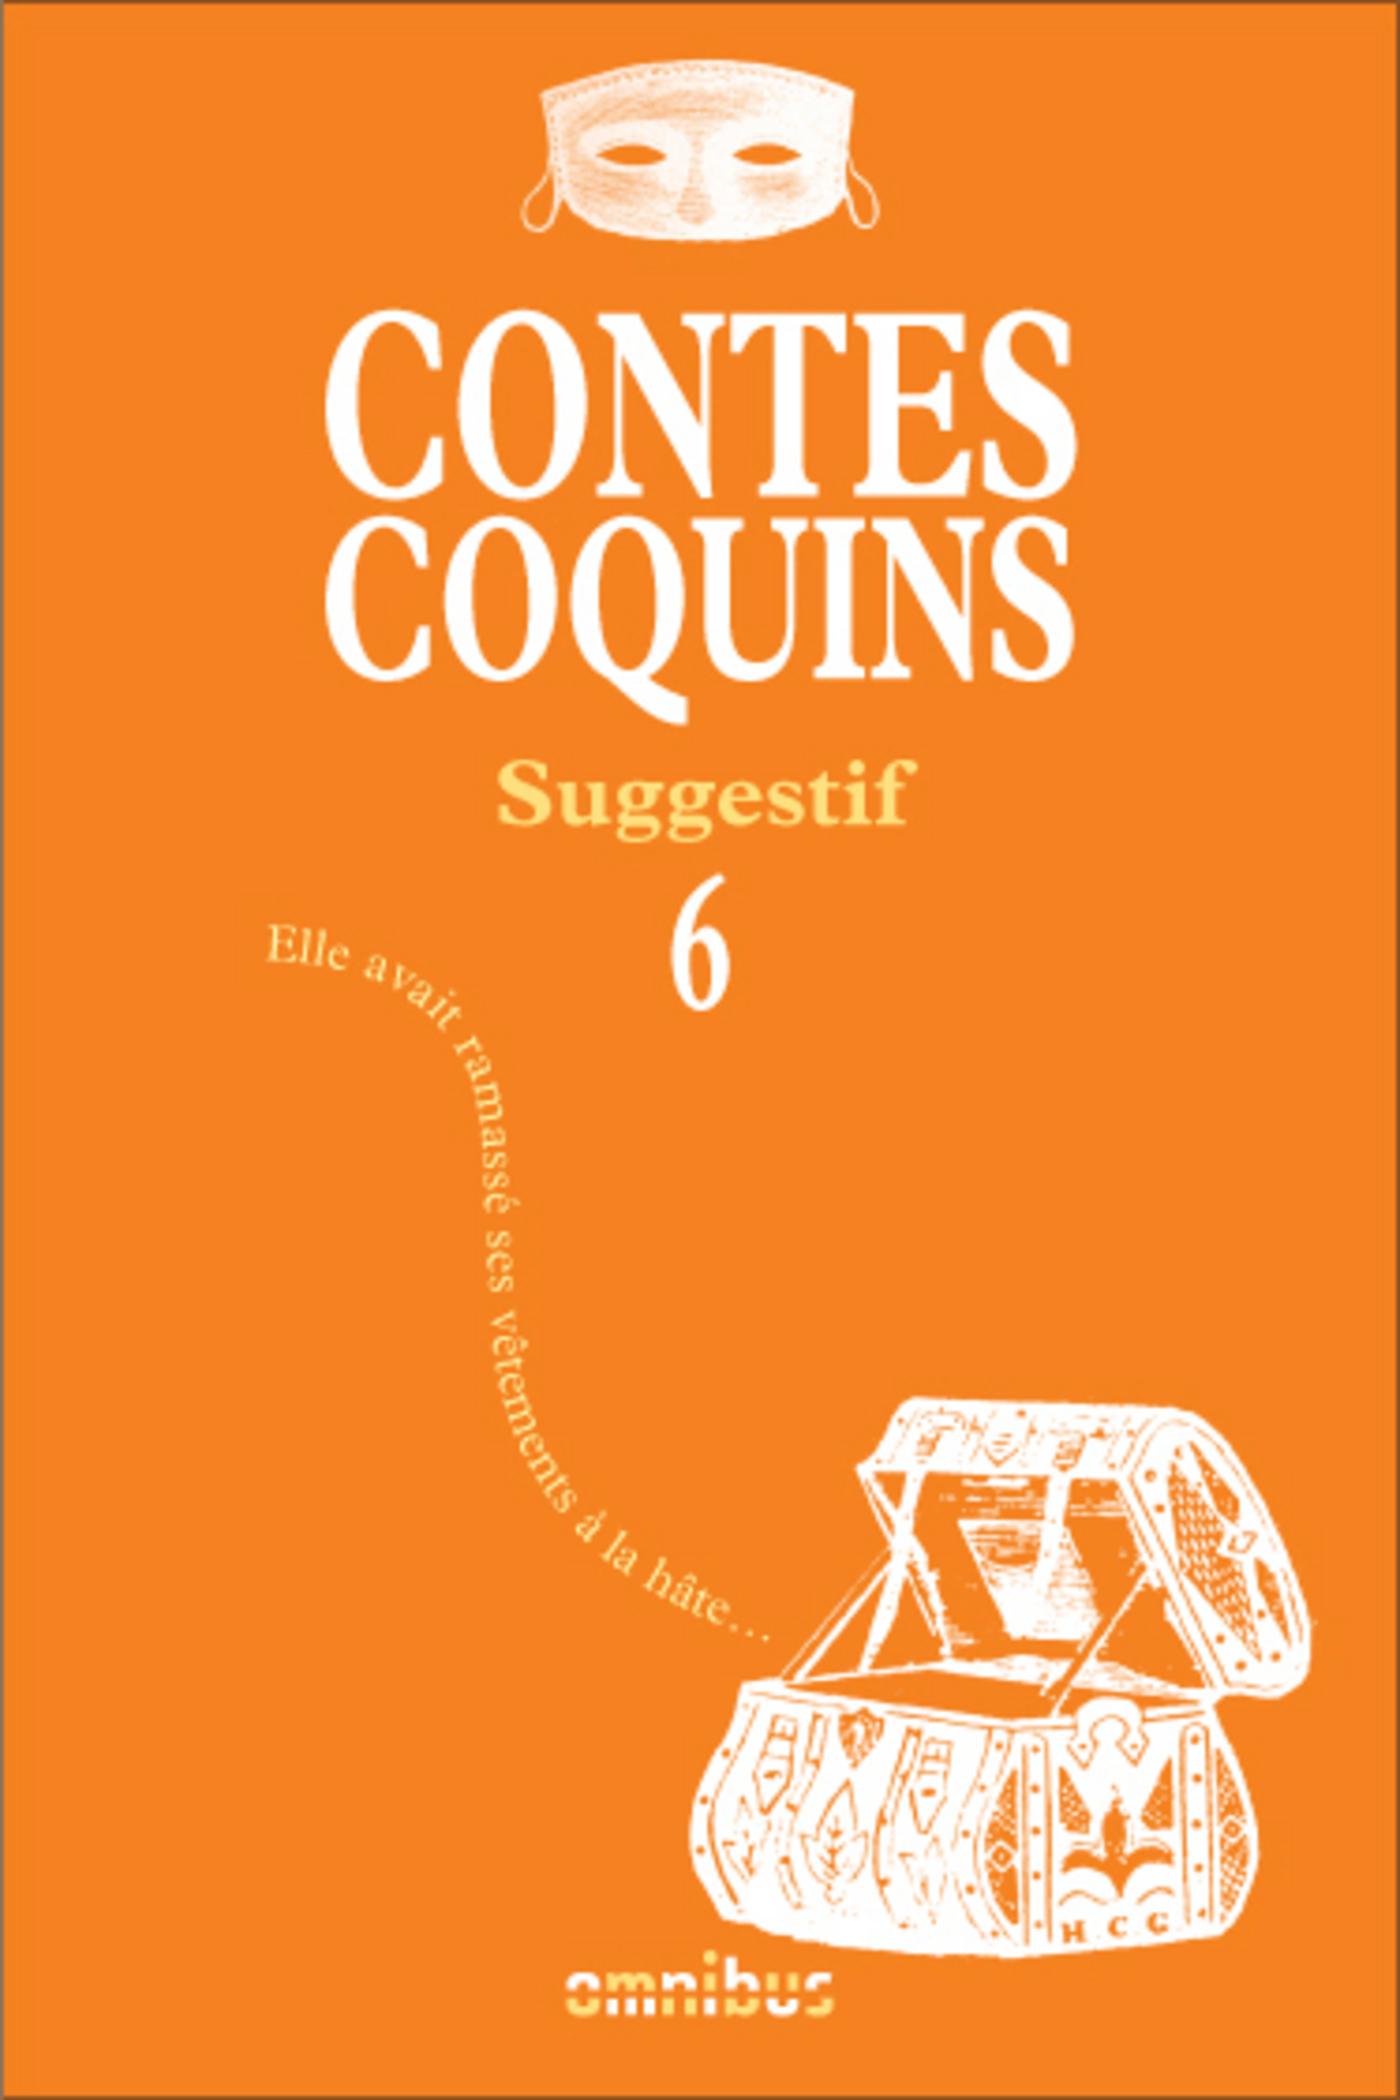 Contes coquins 6 - Suggestif